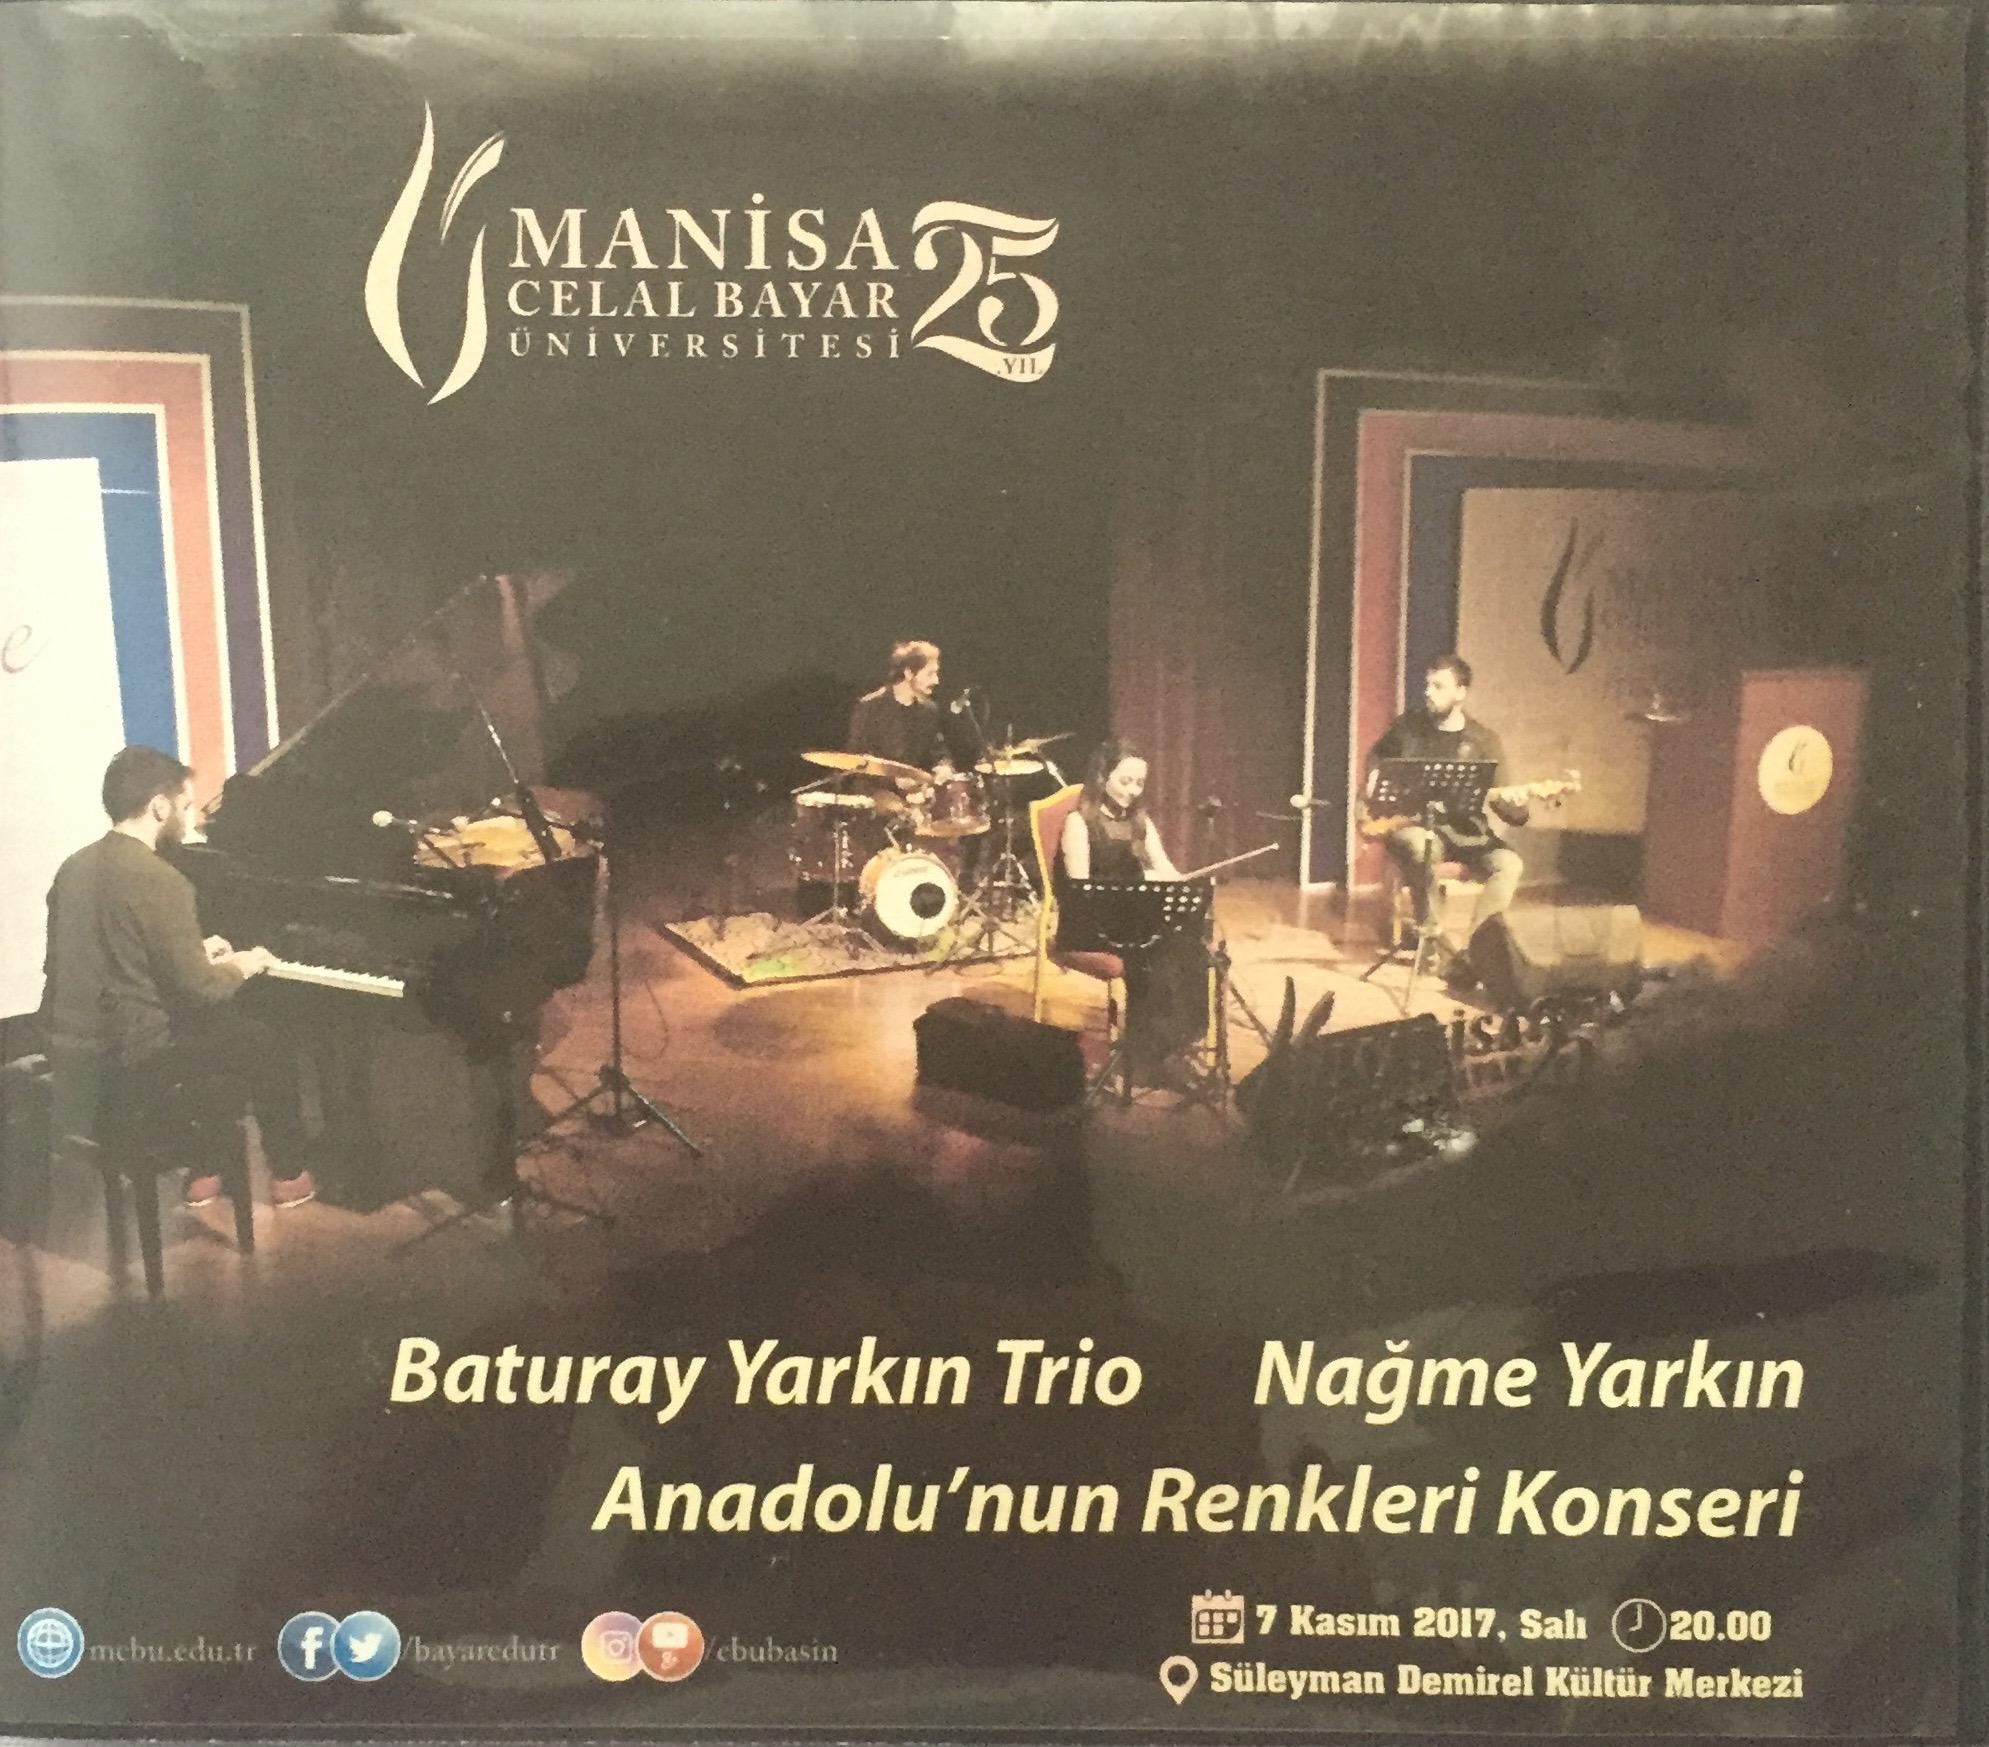 Baturay Yarkın Trio & Nağme Yarkın, 'the Colors of Anatolia' Live in Concert (2017)